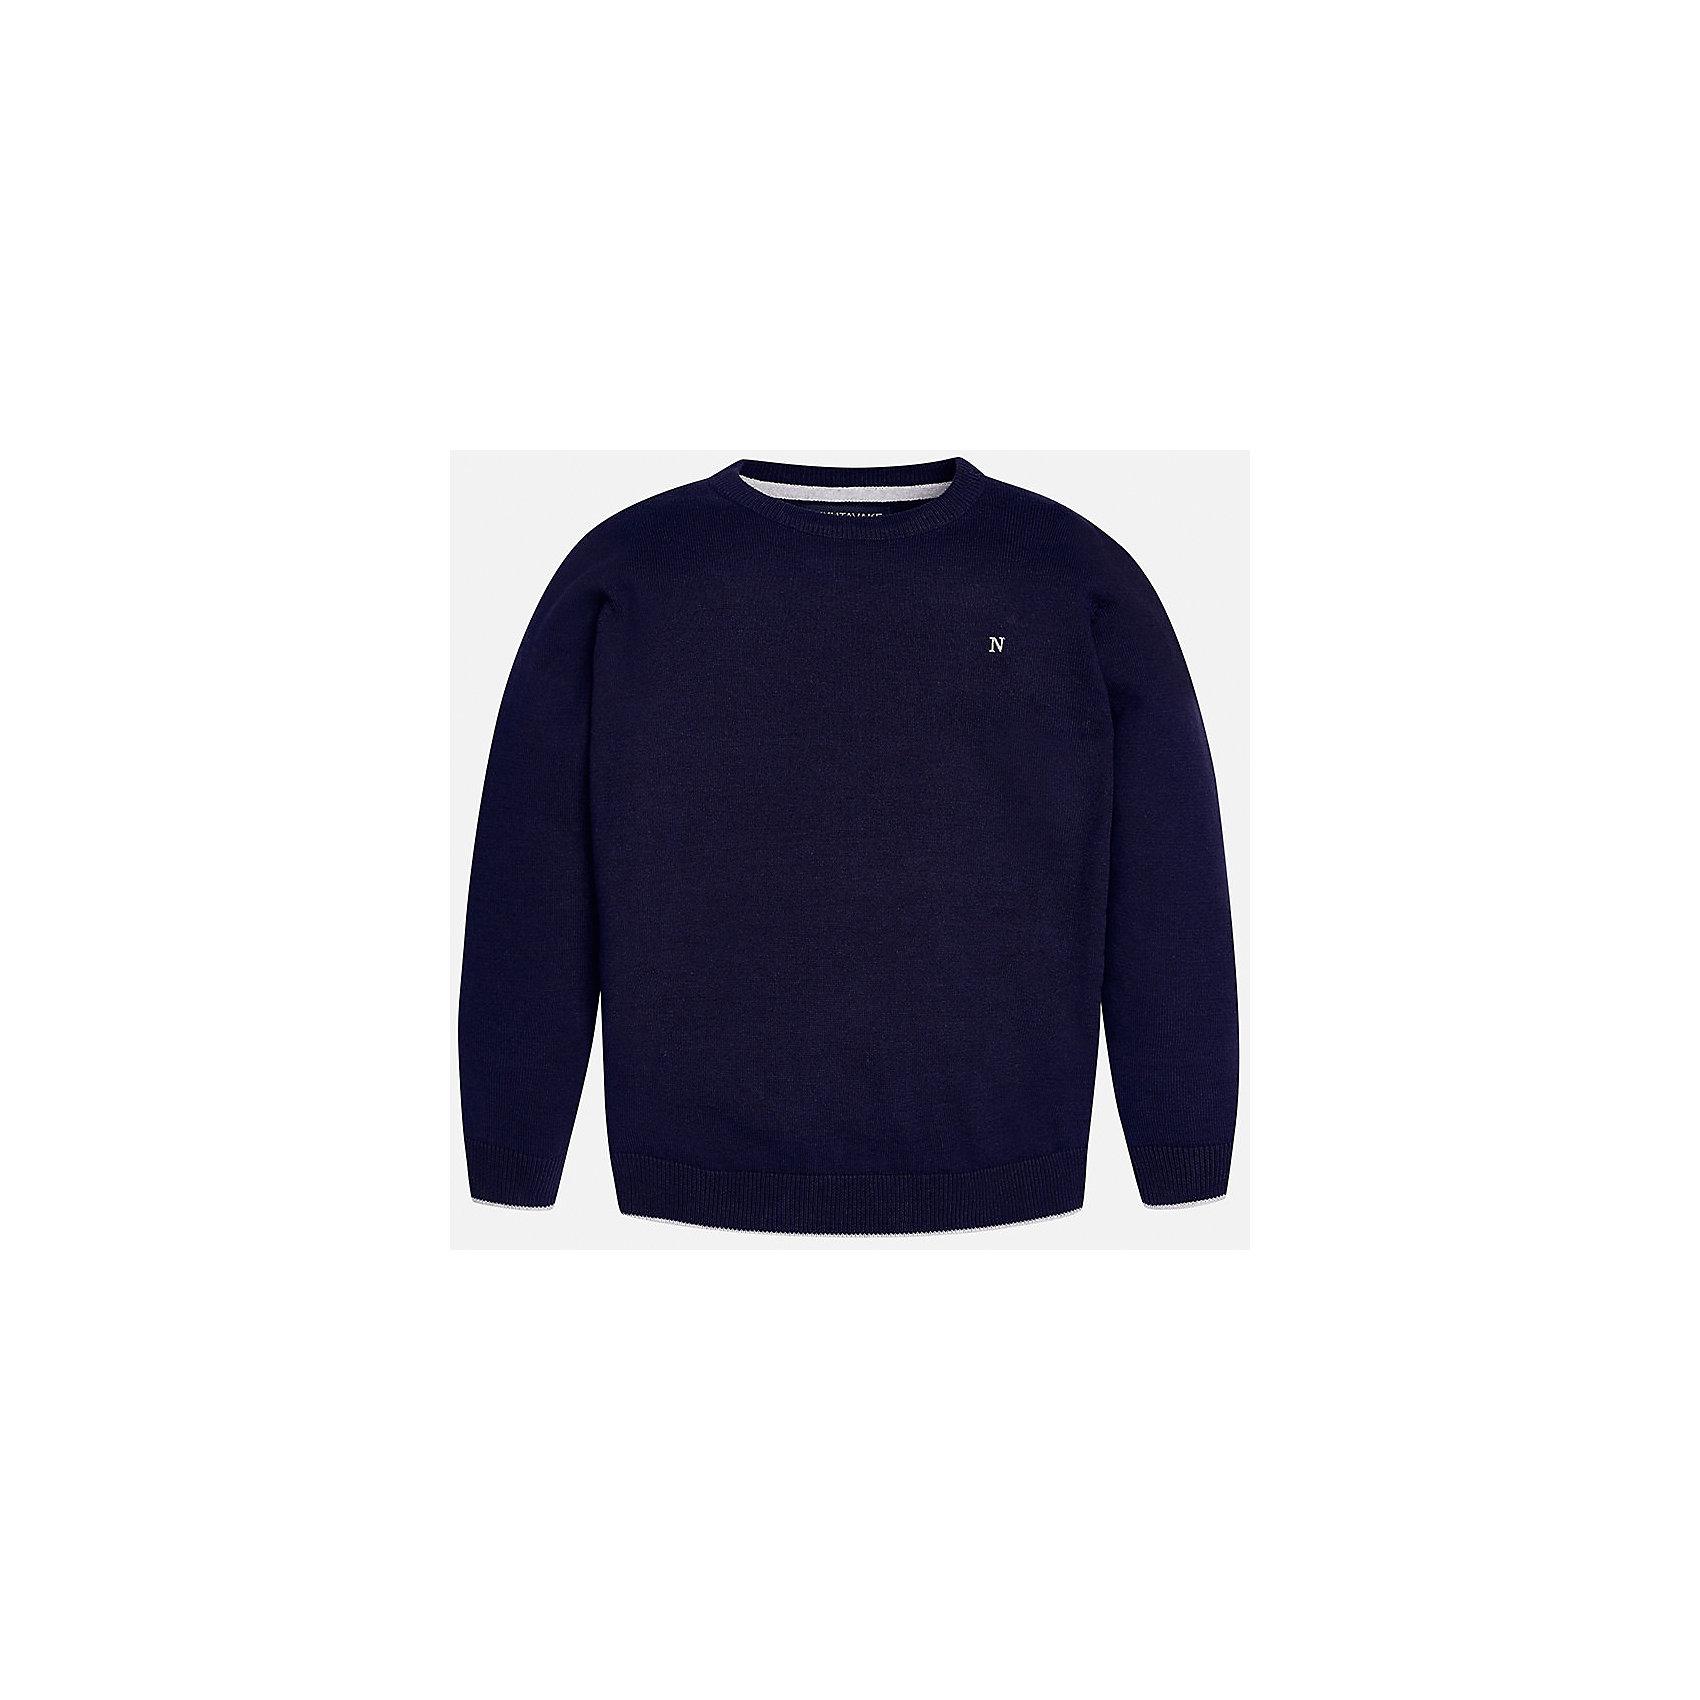 Свитер для мальчика MayoralКрасивый хлопковый свитер, с окантовкой внизу в виде трех серых полосок. Свитер хорошо садится и не тянется со временем.<br><br>Дополнительная информация:<br><br>- Прямой крой. <br>- Страна бренда: Испания.<br>- Состав: хлопок 100%<br>- Цвет: красный.<br>- Уход: бережная стирка при 30 градусах.<br><br>Купить свитер для мальчика Mayoral можно в нашем магазине.<br><br>Ширина мм: 190<br>Глубина мм: 74<br>Высота мм: 229<br>Вес г: 236<br>Цвет: коричневый<br>Возраст от месяцев: 108<br>Возраст до месяцев: 120<br>Пол: Мужской<br>Возраст: Детский<br>Размер: 134/140,158/164,128/134,146/152,152/158,164/170<br>SKU: 4821711